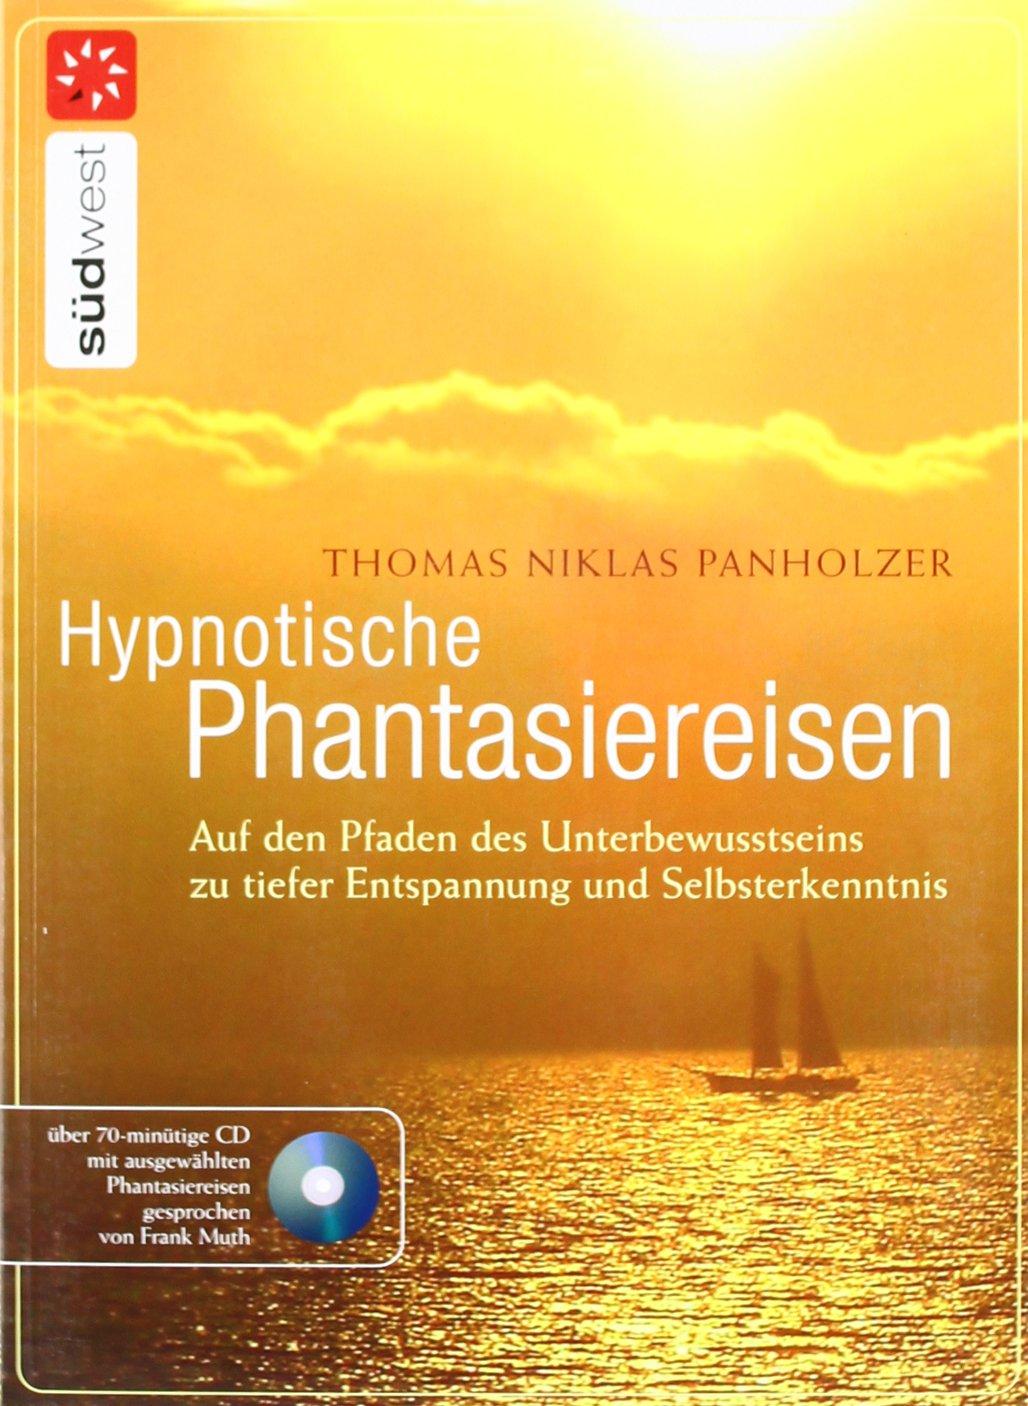 Hypnotische Phantasiereisen: Auf den Pfaden des Unterbewusstseins zu tiefer Entspannung und Selbsterkenntnis. Mit Audio-CD